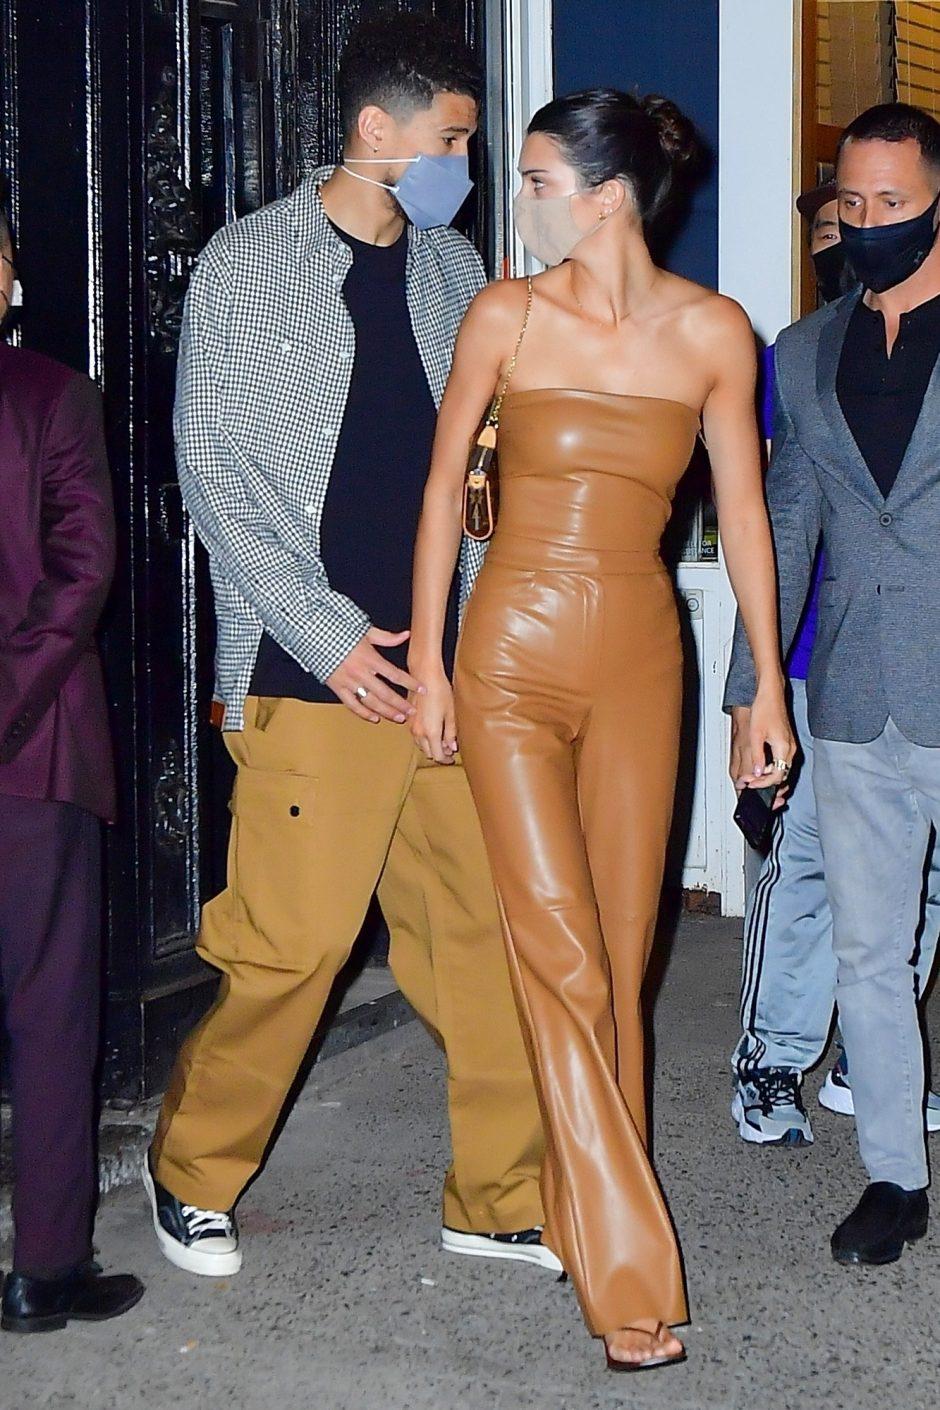 Кендалл Дженнер и звезда НБА Девин Букер прогуливаются на свидании в Нью-Йорке - 1